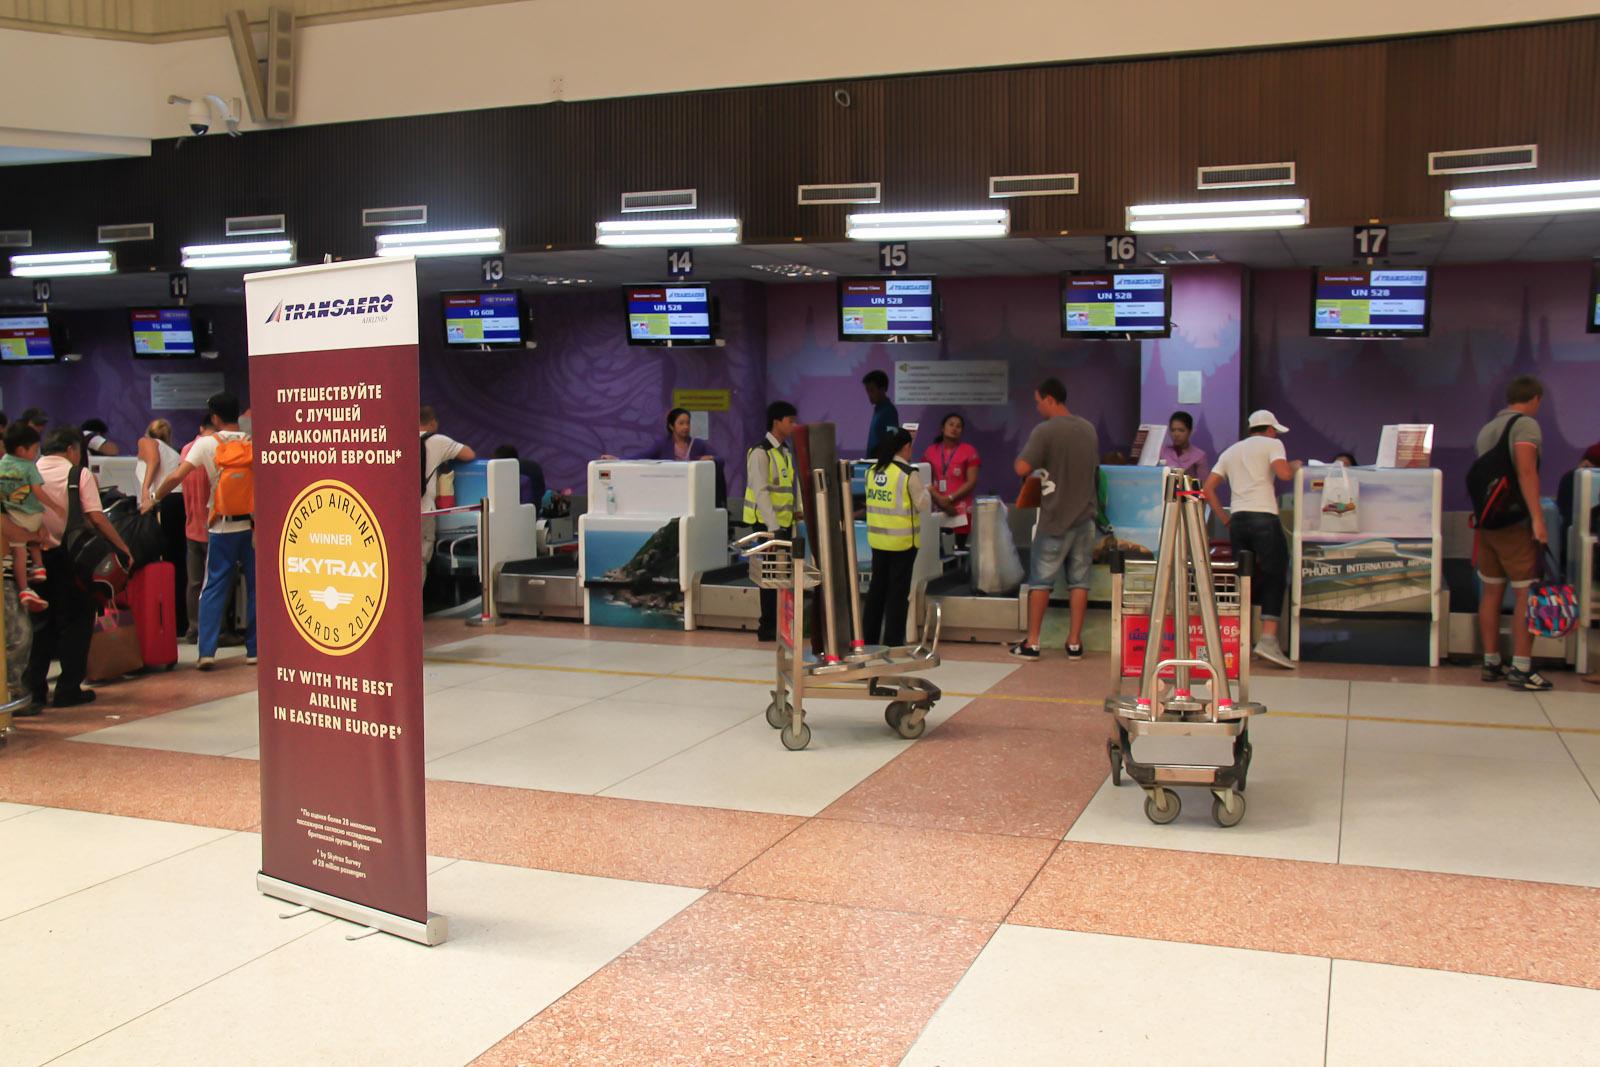 Регистрация на рейсе Трансаэро в аэропорту Пхукета